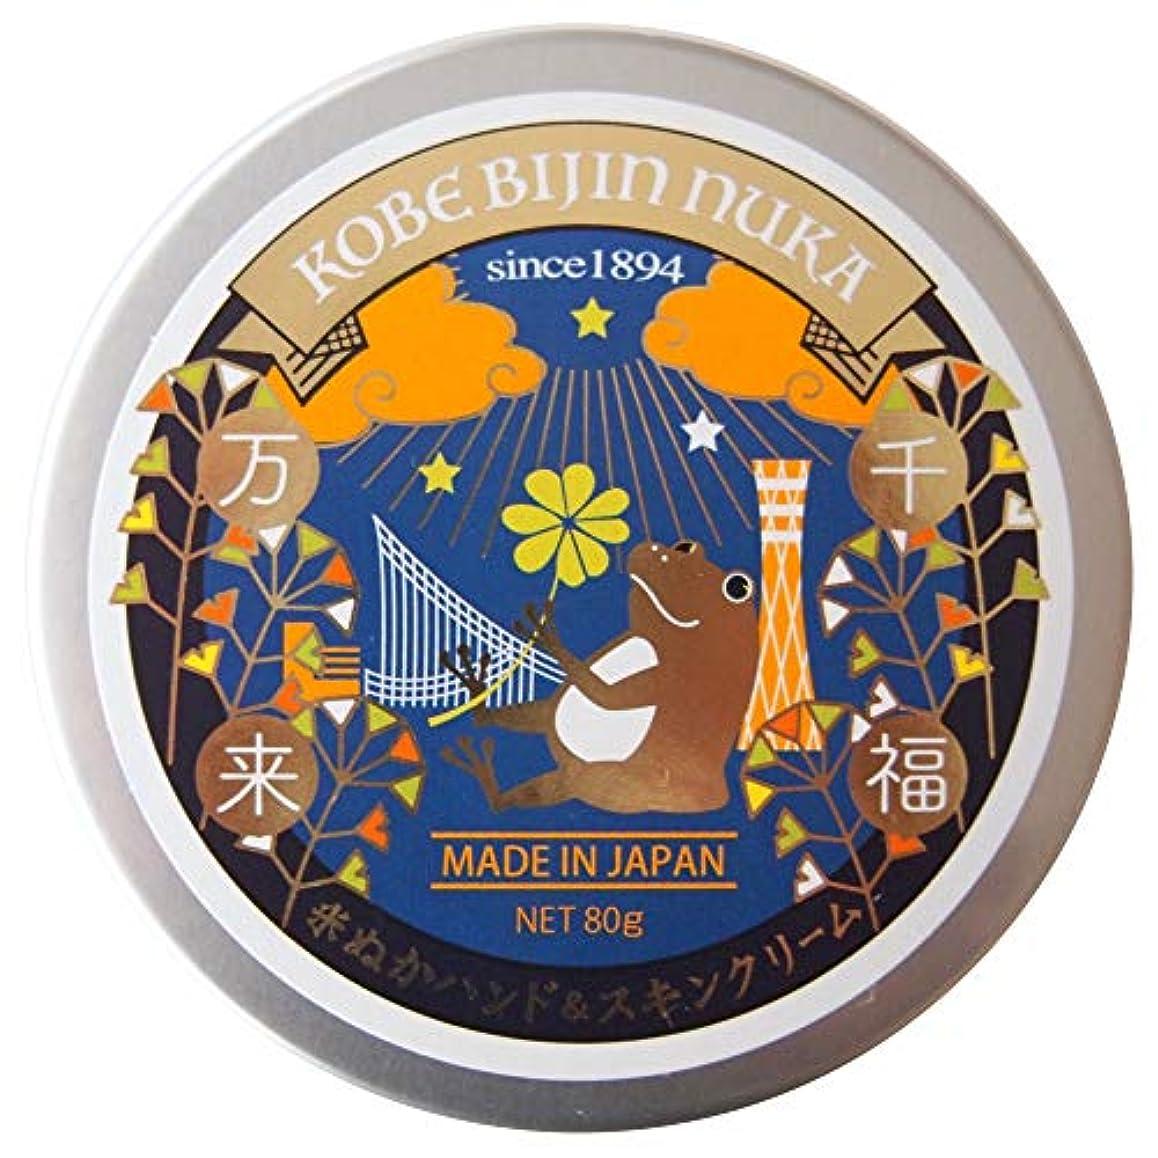 険しい入口コロニアル神戸美人ぬか 米ぬかハンド&スキンクリーム(千福万来)【ヘルシーシトラスの香り】 80g